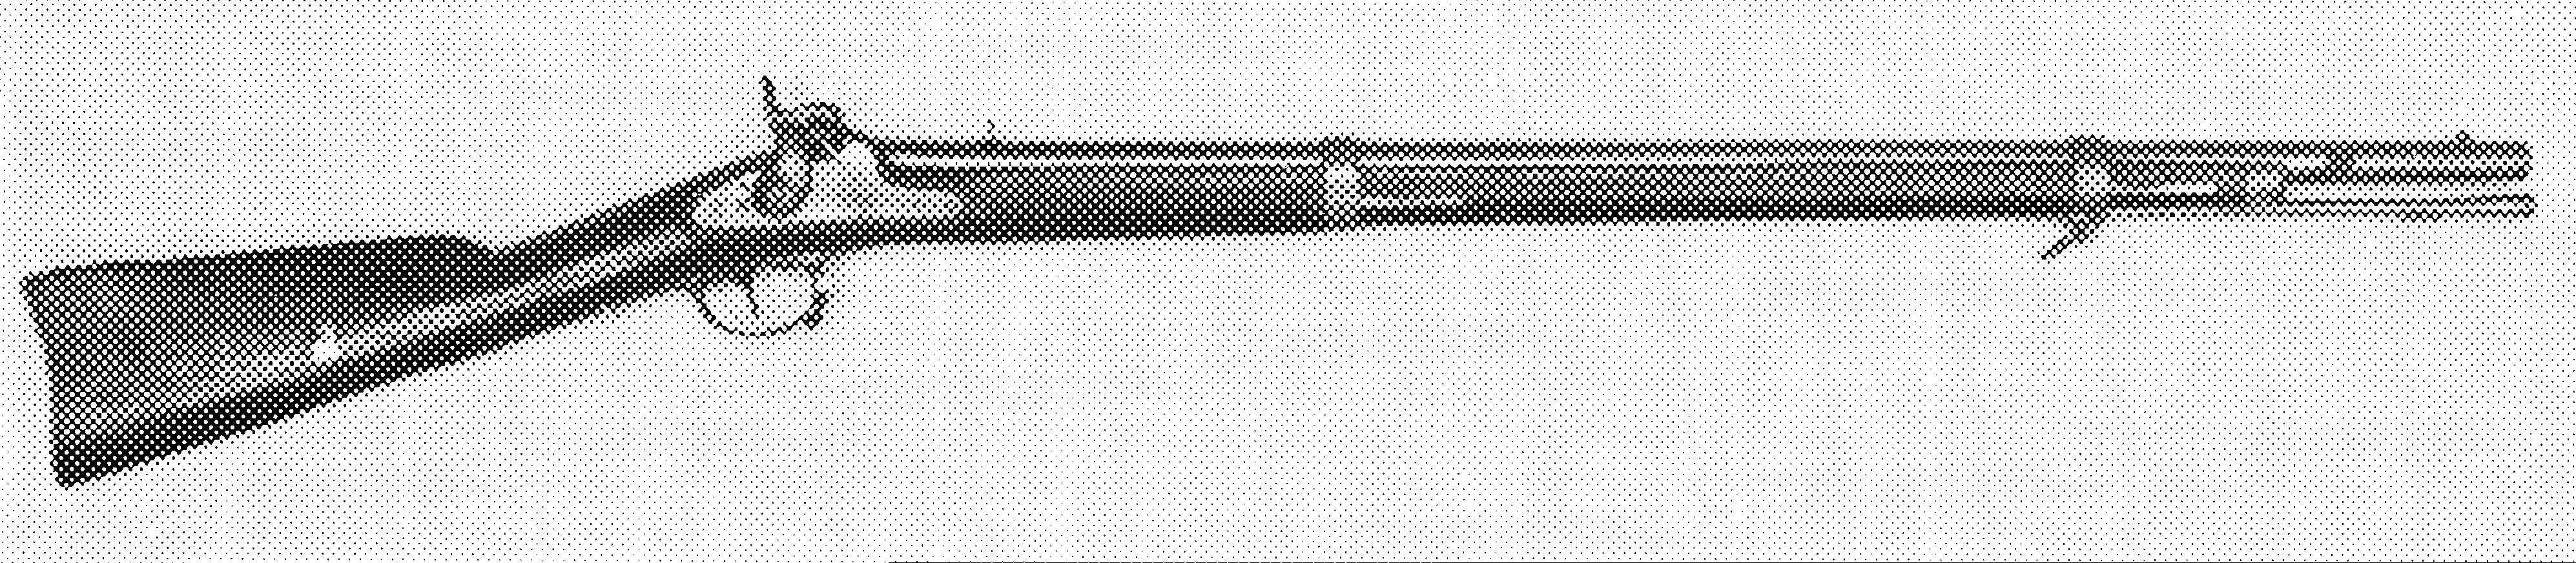 Muzzle Loading Rifle